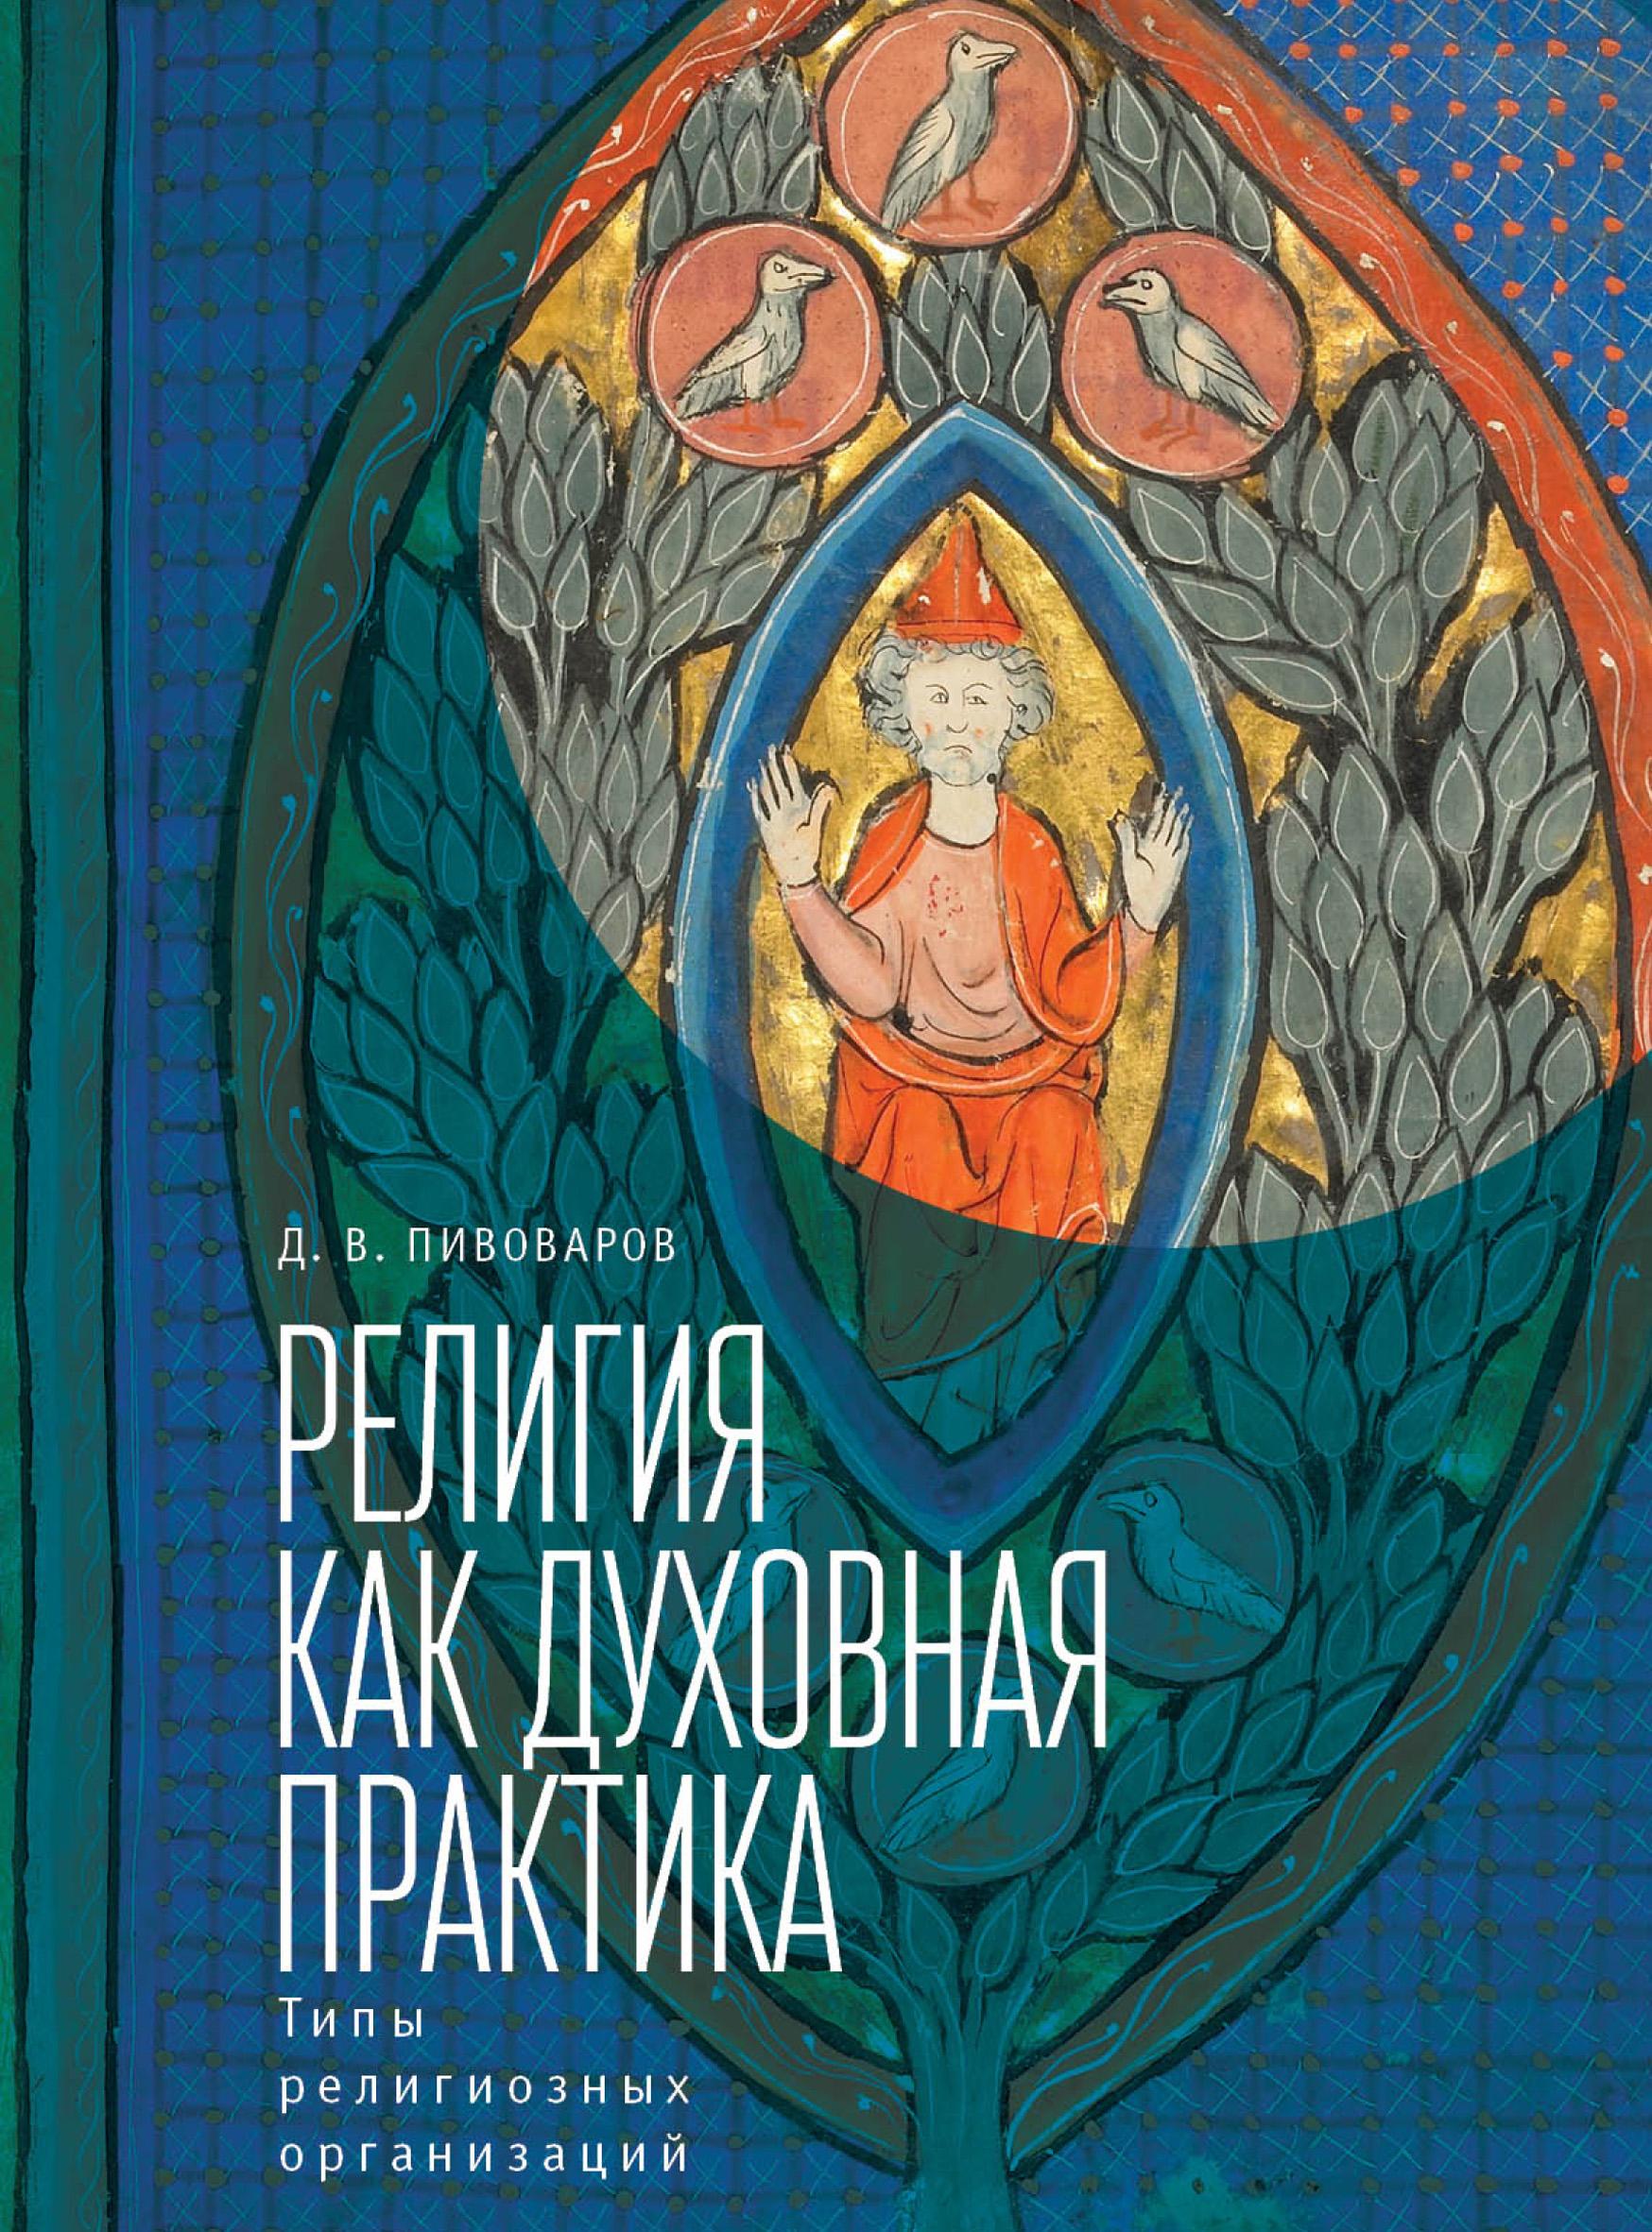 Д. В. Пивоваров Религия как духовная практика. Типы религиозных организаций